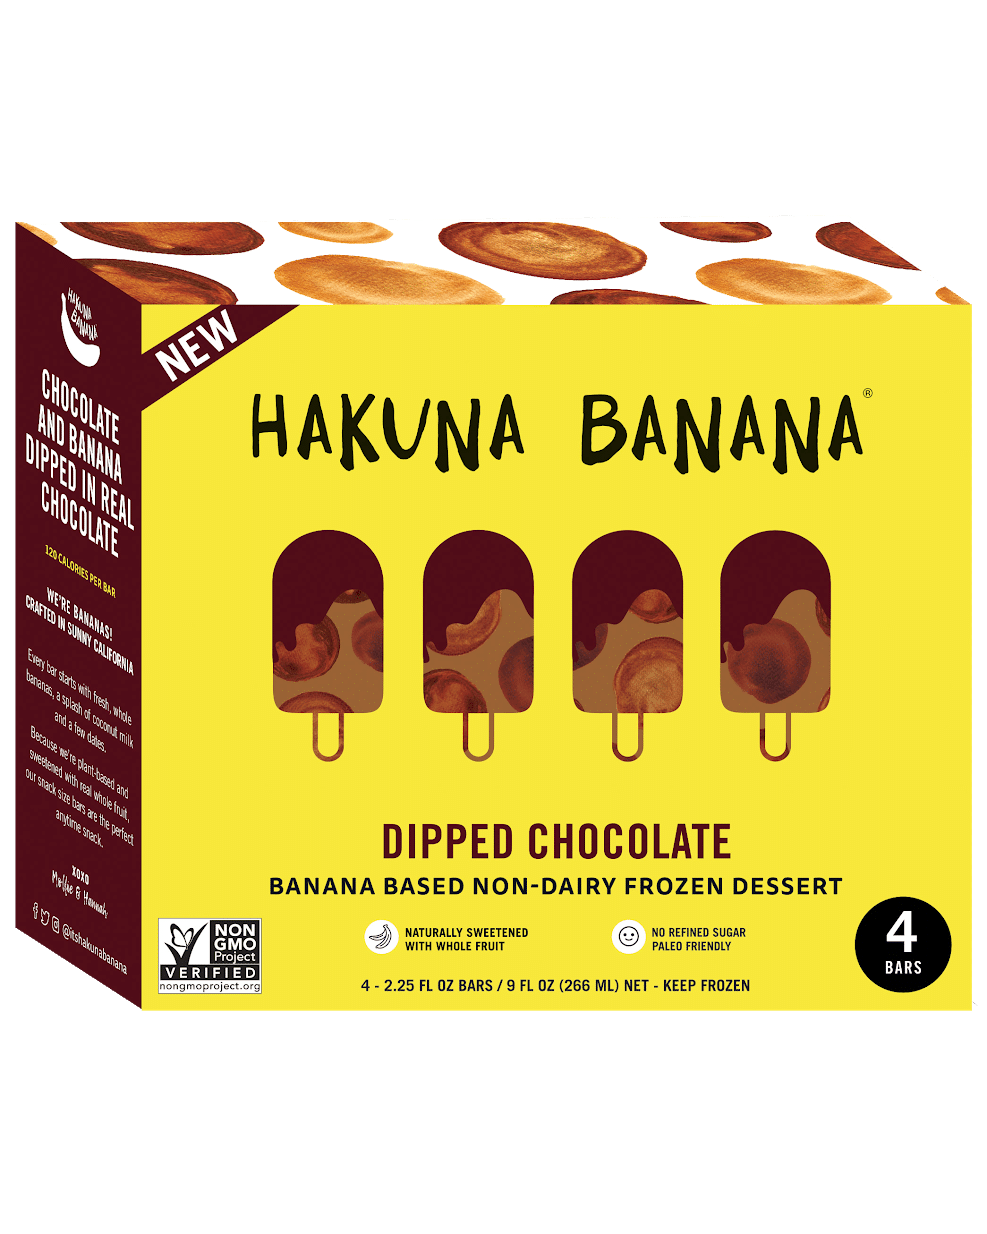 Hakuna Banana Launches Novelty Bars, Expands Distribution